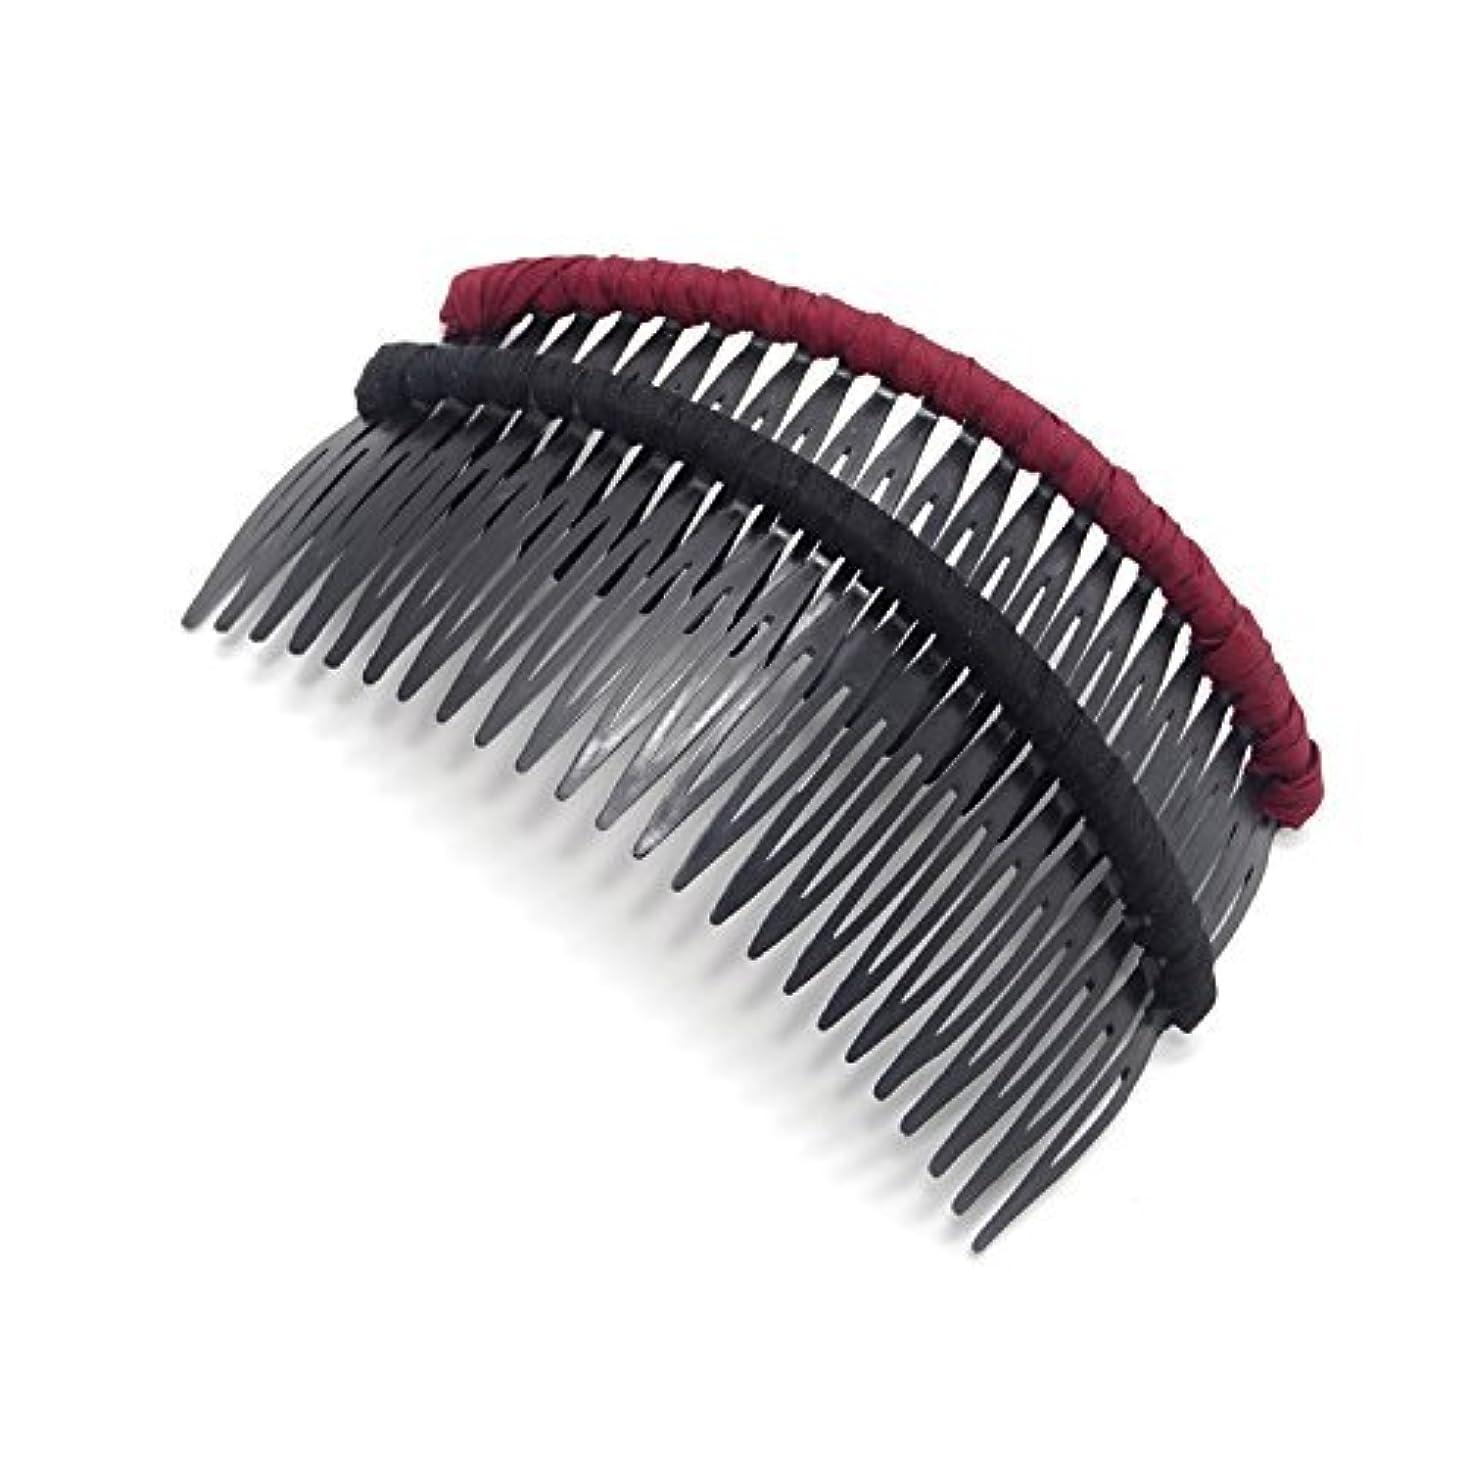 番目フィッティングそれらHonbay 2 PCS Different Color 24 Teeth Plastic Hair Comb Tuck Comb Hair Clip Hair Accessory for Women and Girls...